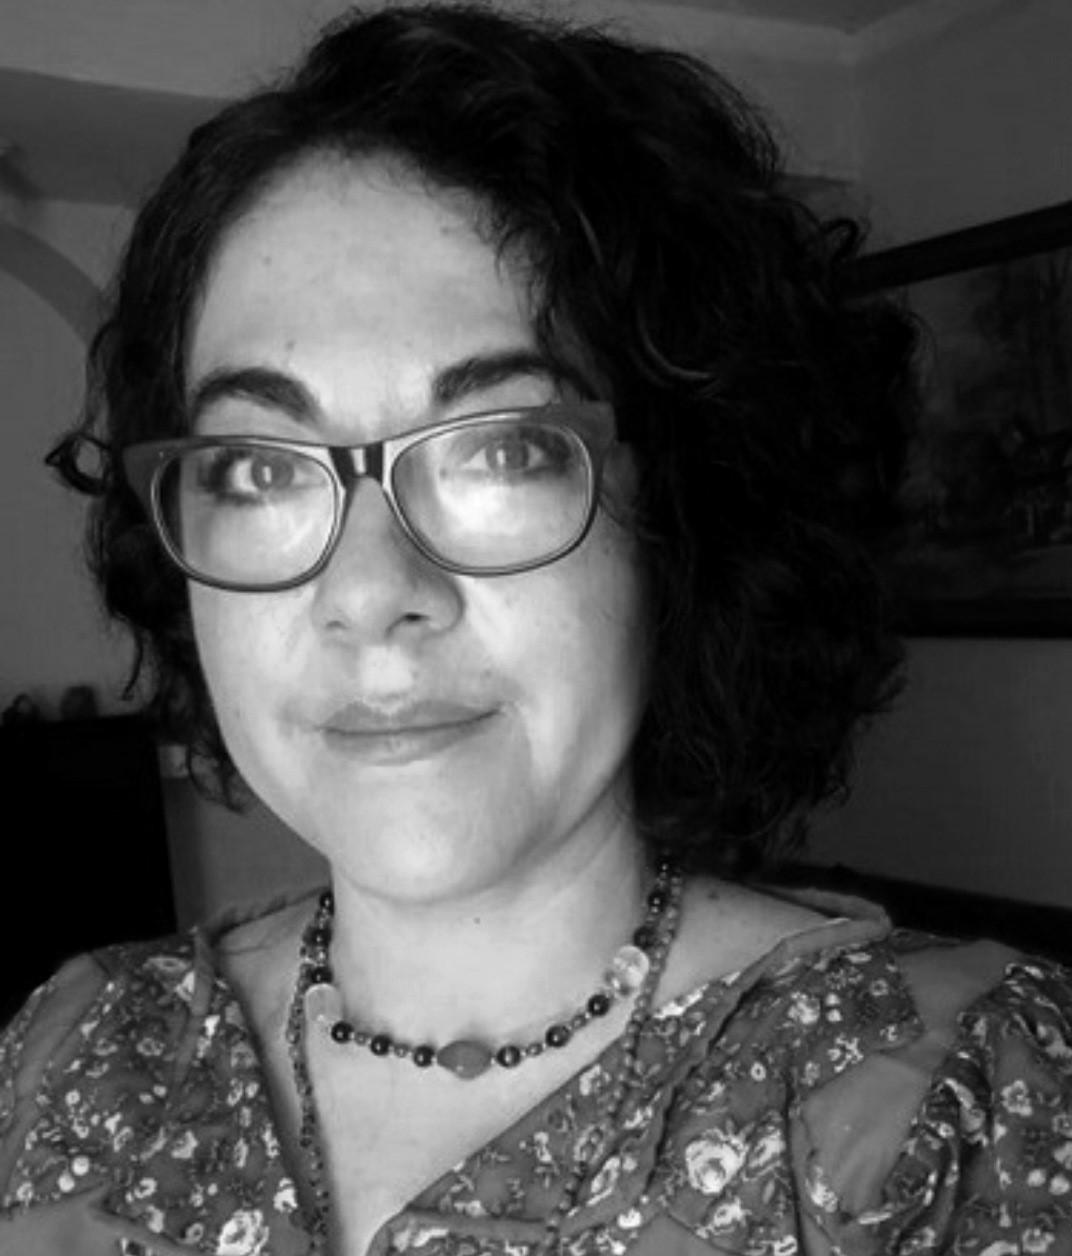 La corporalidad detrás de las sombras: Entrevista a Iliana Hernández Partida